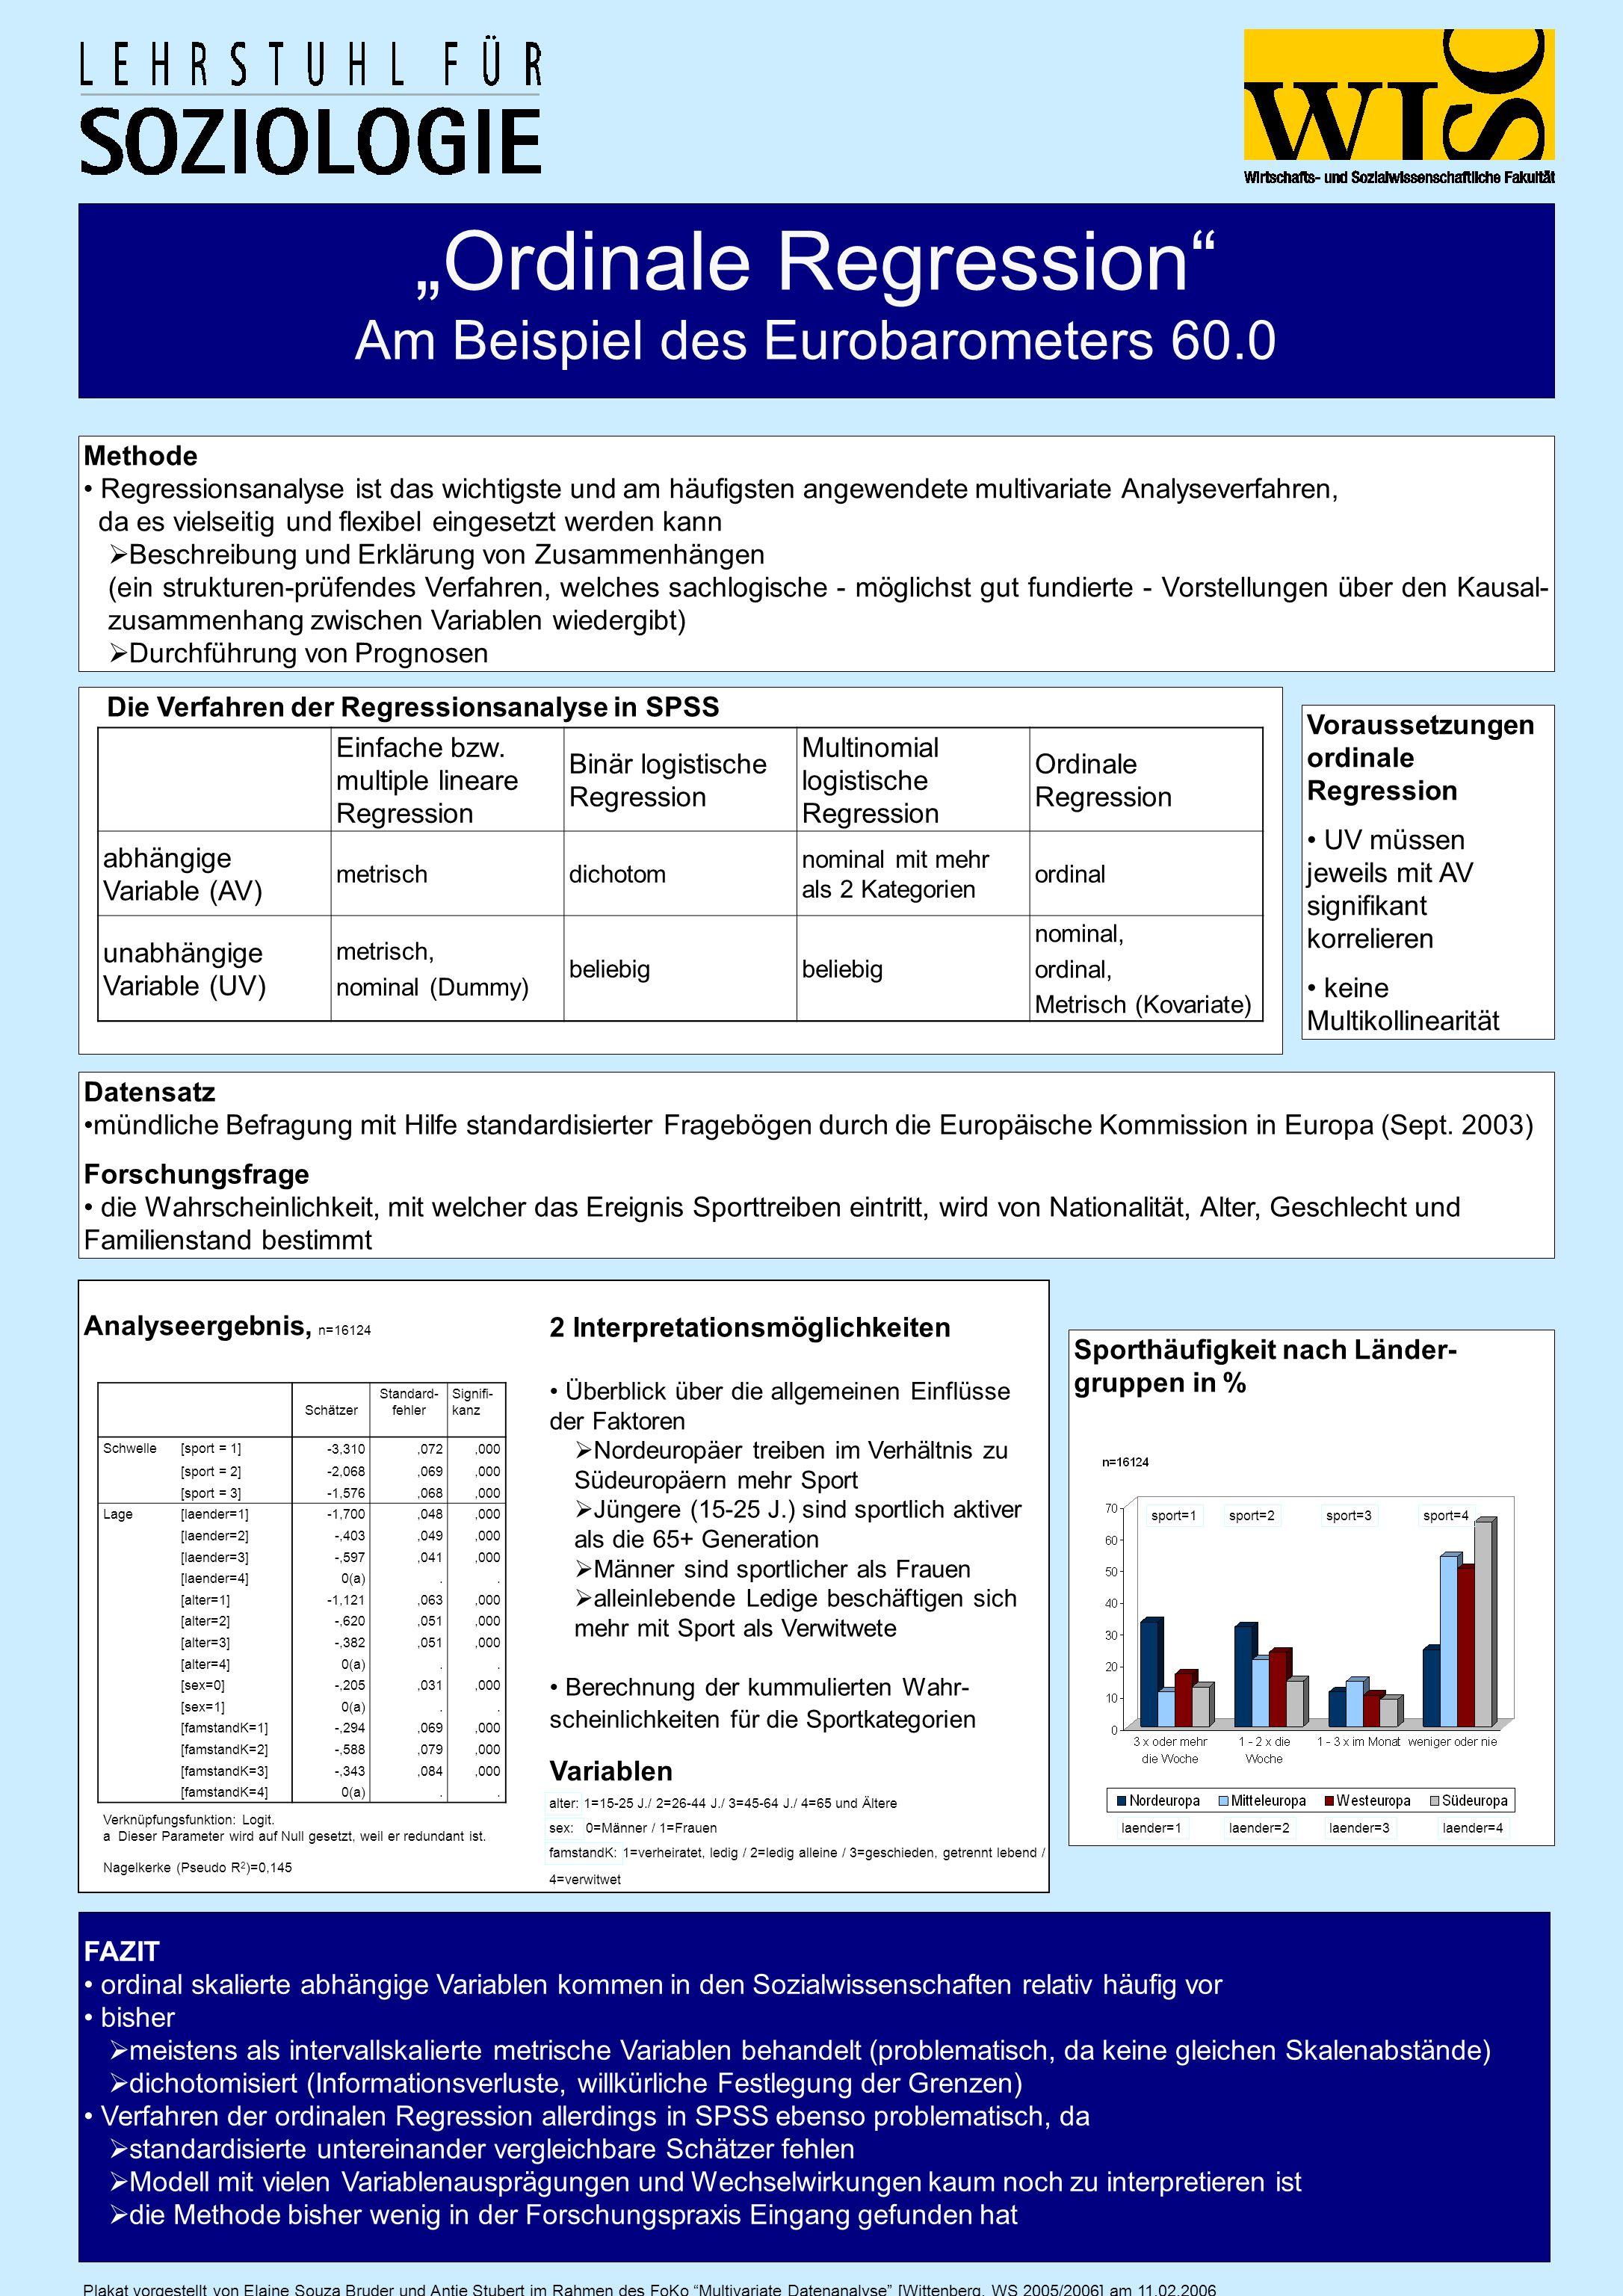 Ordinale Regression Am Beispiel des Eurobarometers 60.0 Plakat vorgestellt von Elaine Souza Bruder und Antje Stubert im Rahmen des FoKo Multivariate D